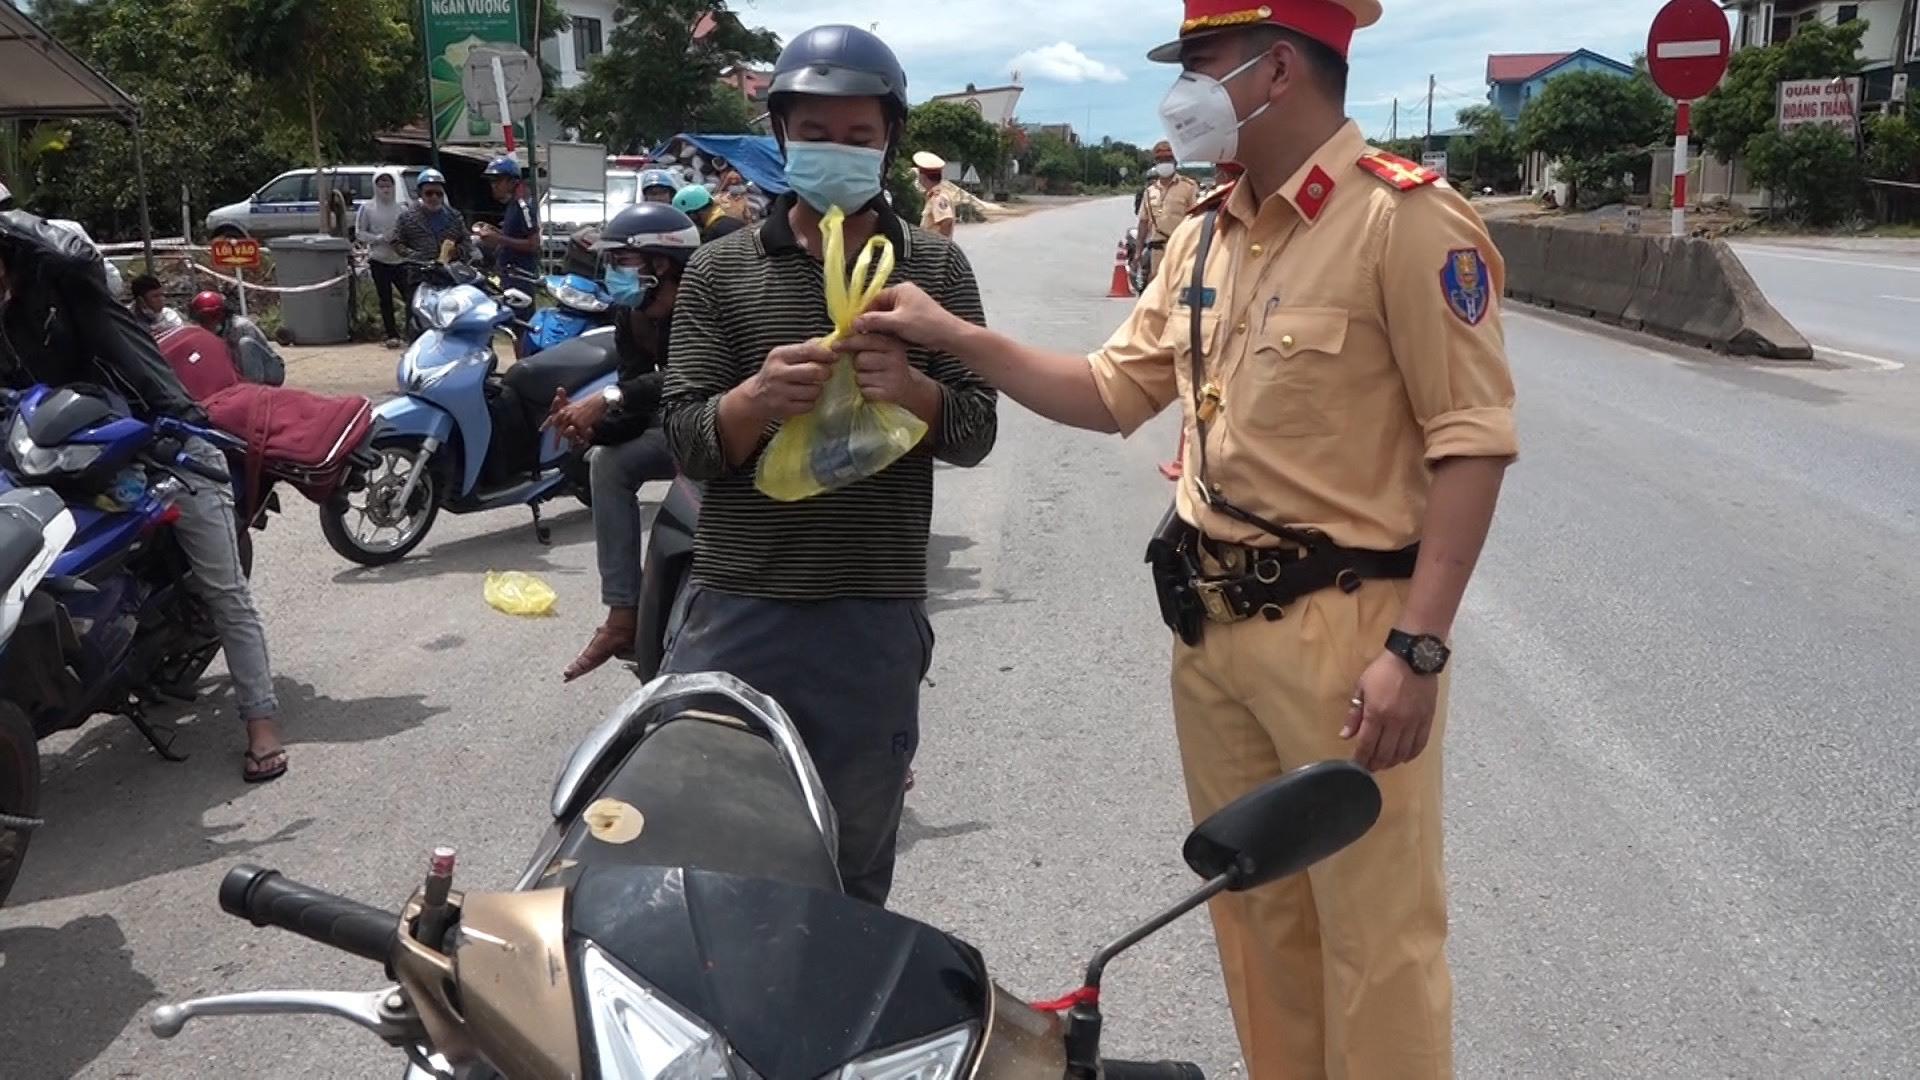 GĐ Công an kể chuyện tiếp sức trăm người đi xe máy từ TP.HCM về quê tránh dịch